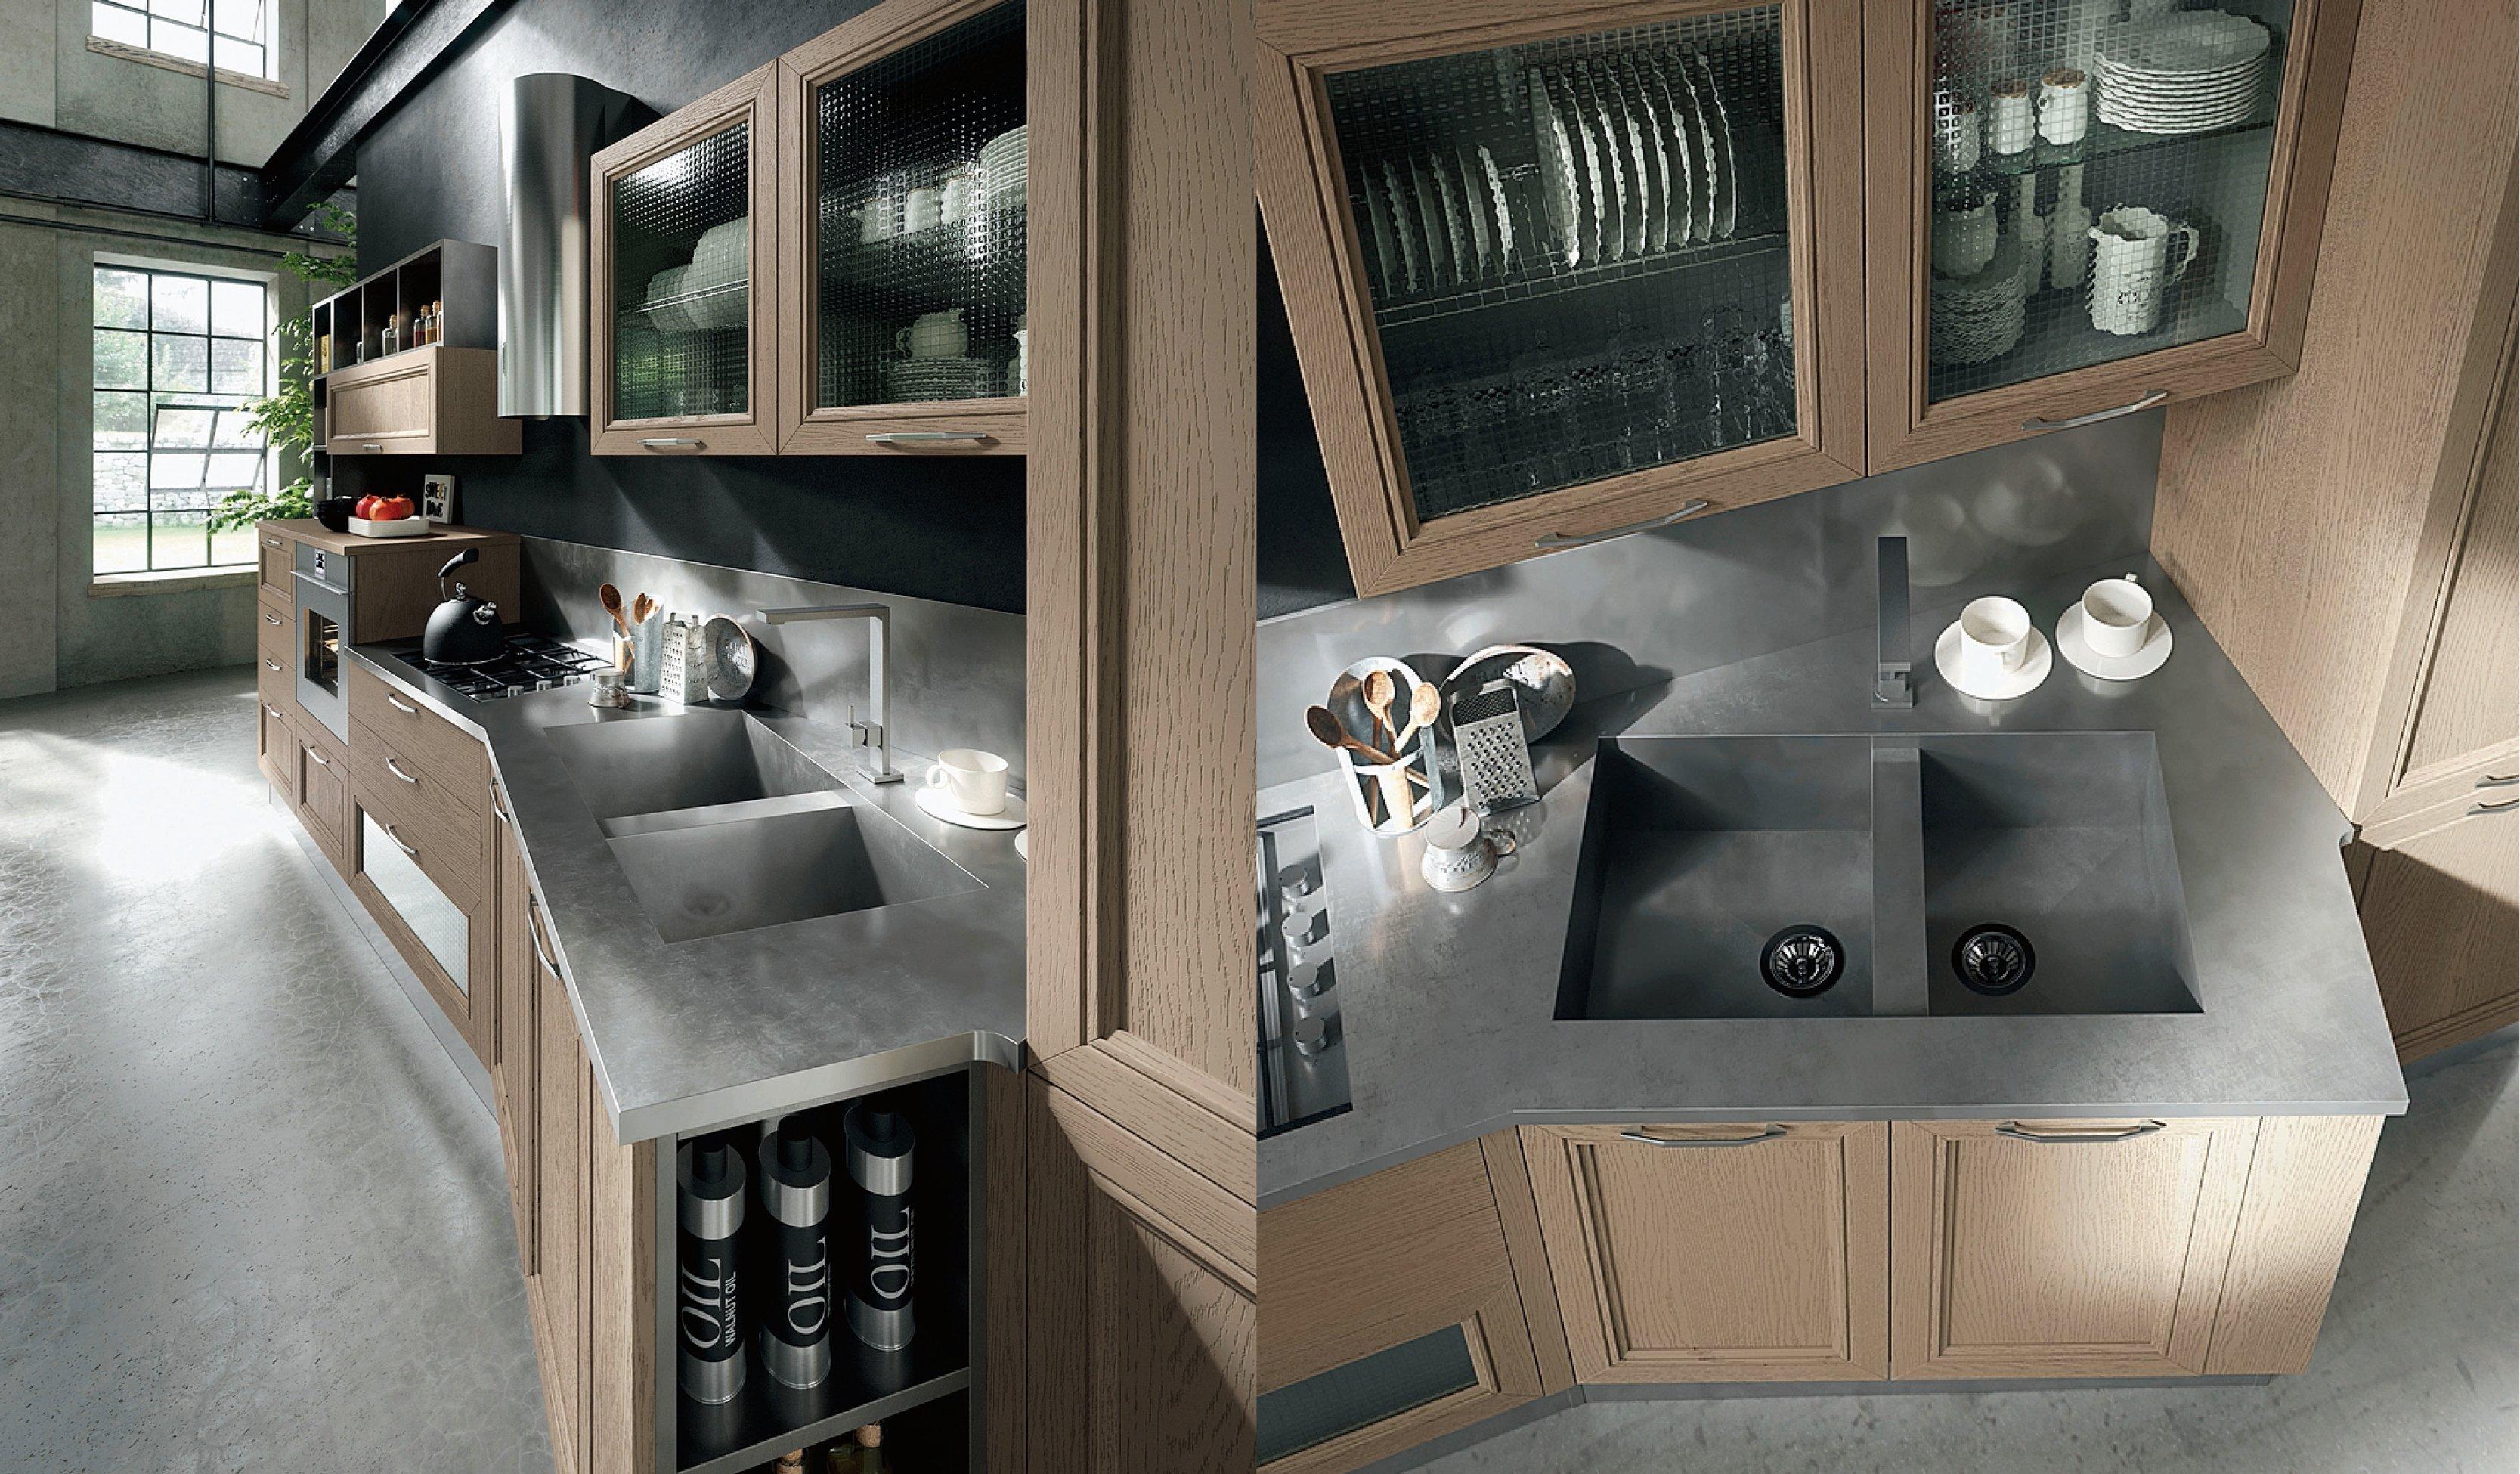 Top della cucina quale materiale scegliere per il piano - Laminato in cucina ...